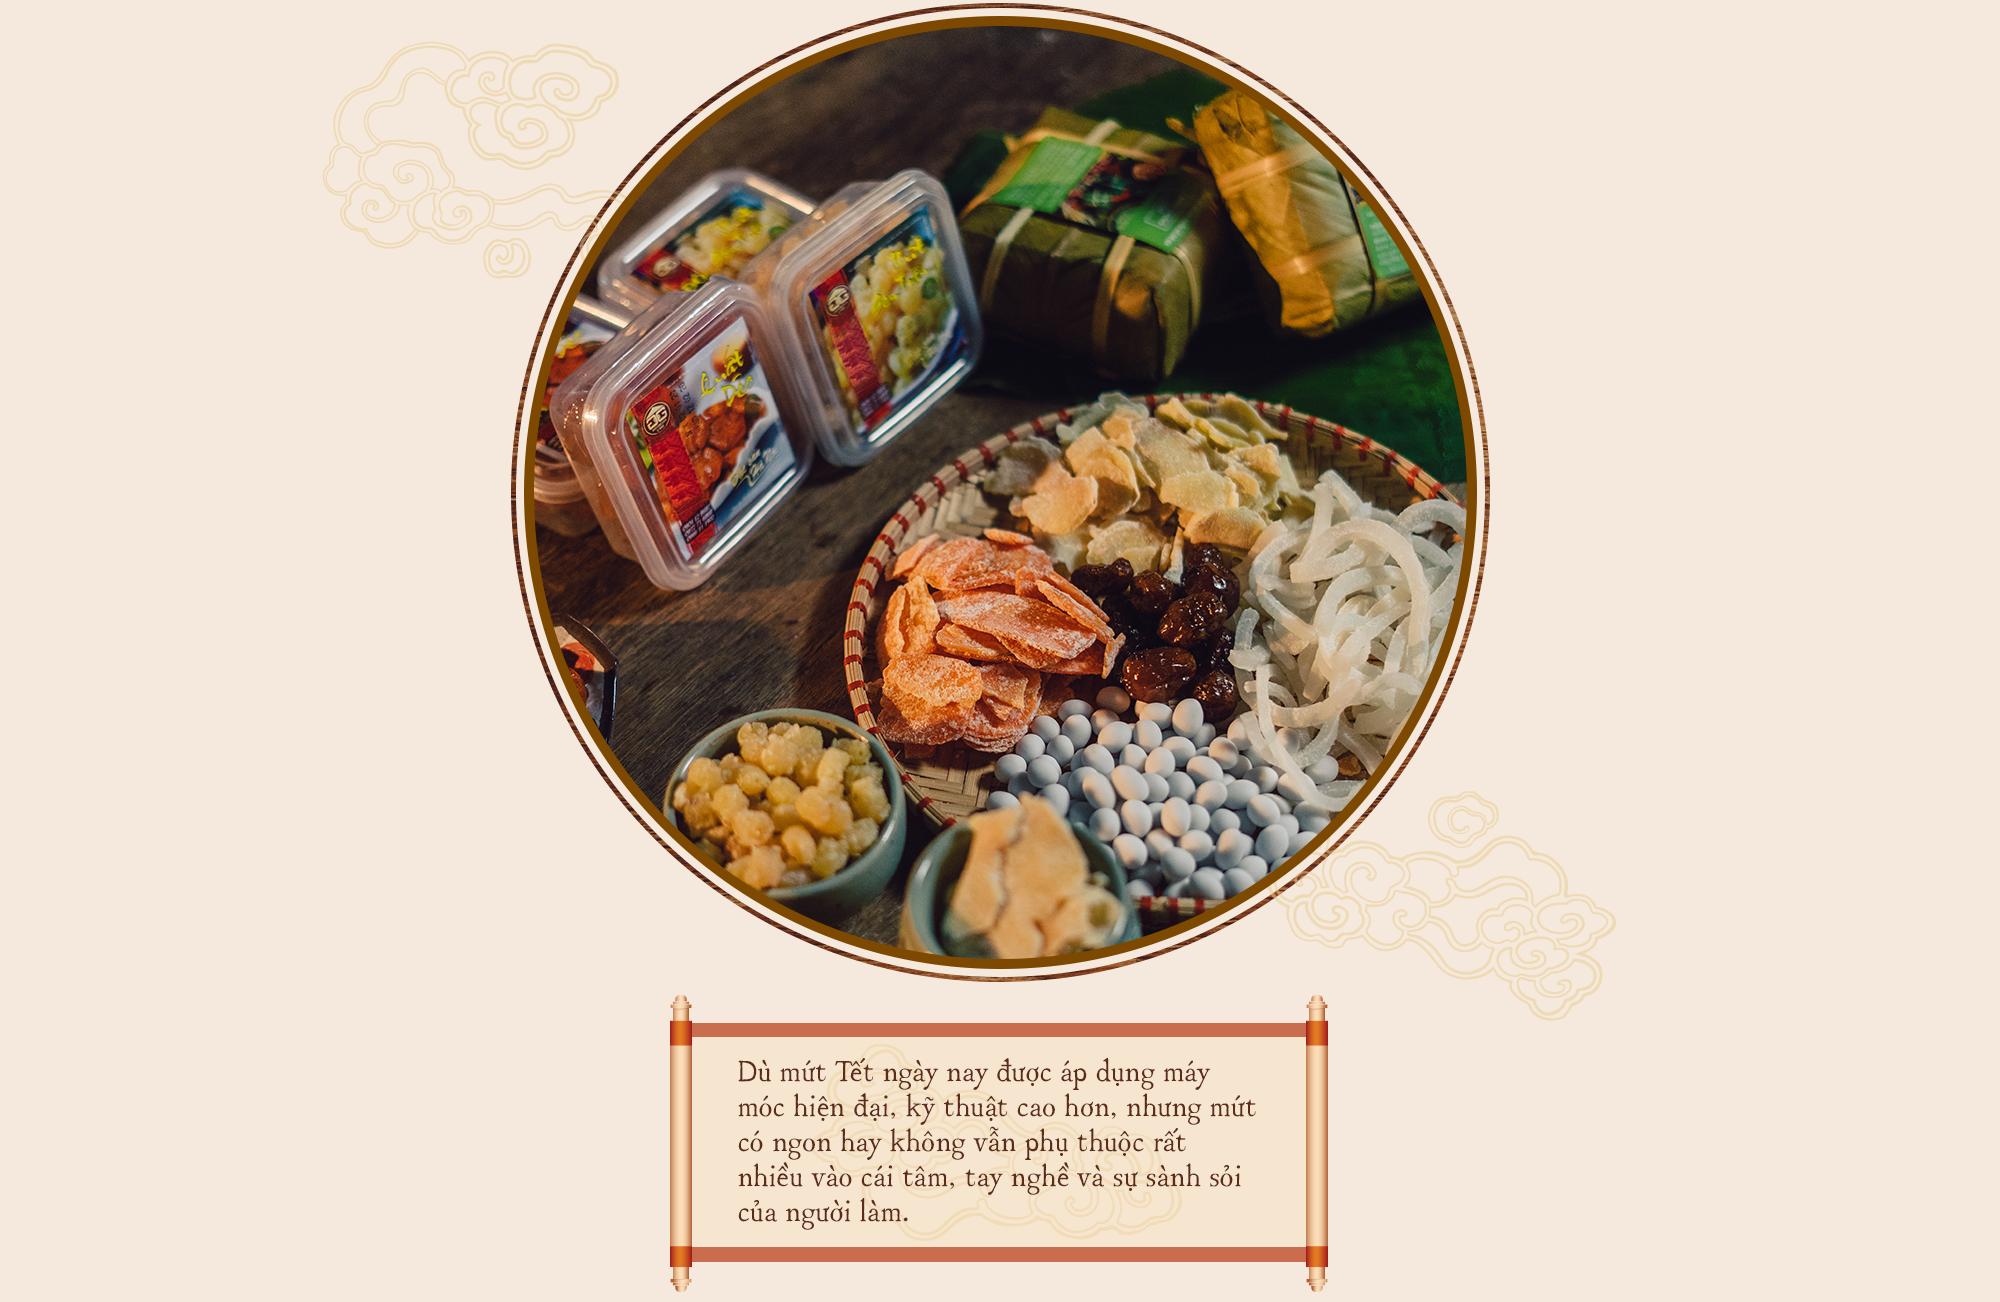 Gia tộc hơn 100 năm làm mứt Tết truyền thống ở Hà Nội: Ăn mứt phải ăn cái thật chất chứ không dùng bao bì hào nhoáng che đậy ẩm thực xoàng xĩnh - Ảnh 15.